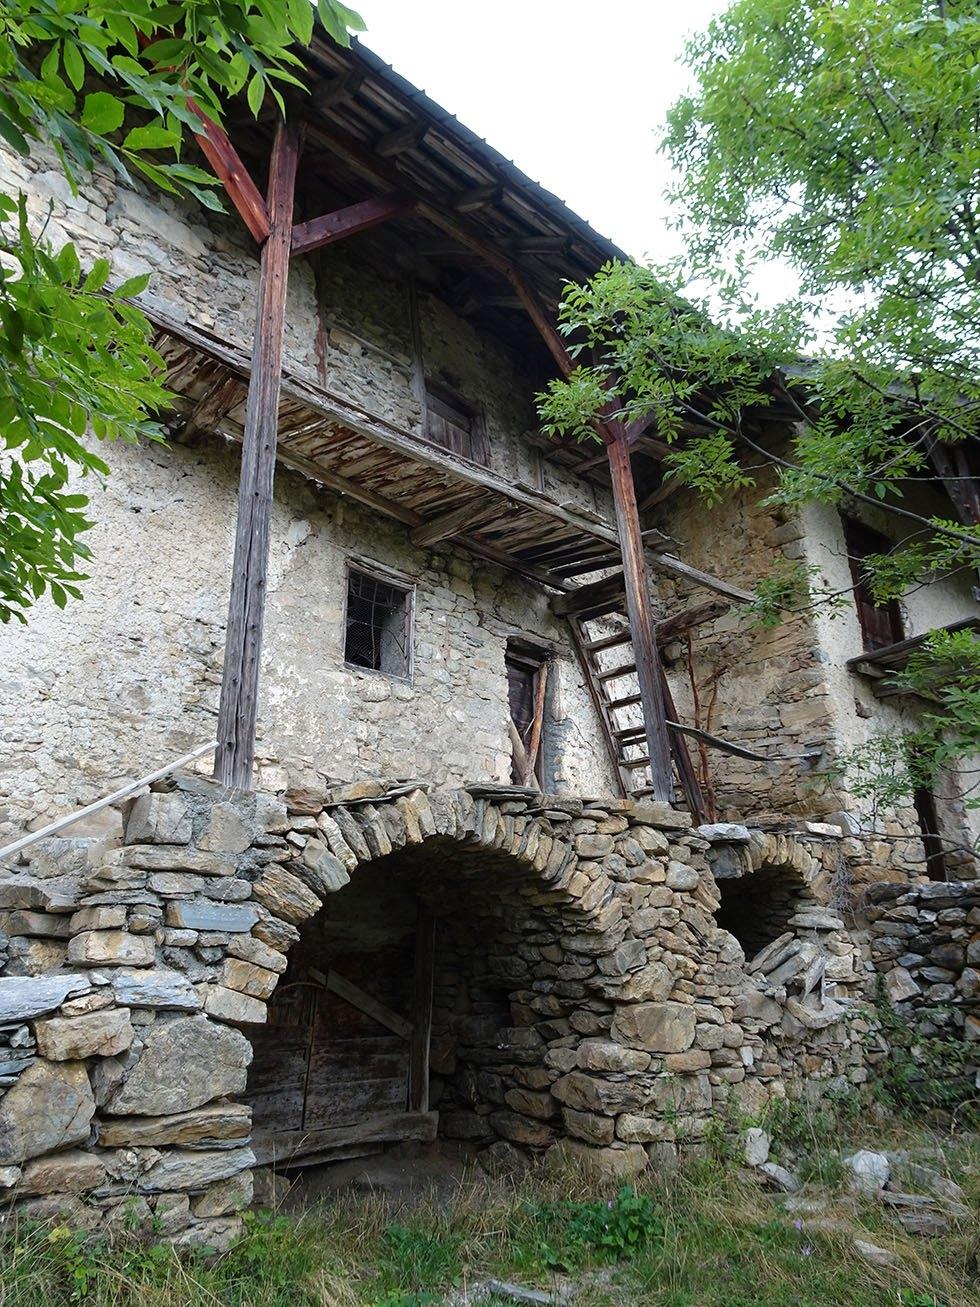 Les maisons Beaufils (Les Moulinets hauts) et Eymar (St-Thomas) au Bas Villard, elles aussi en sursis